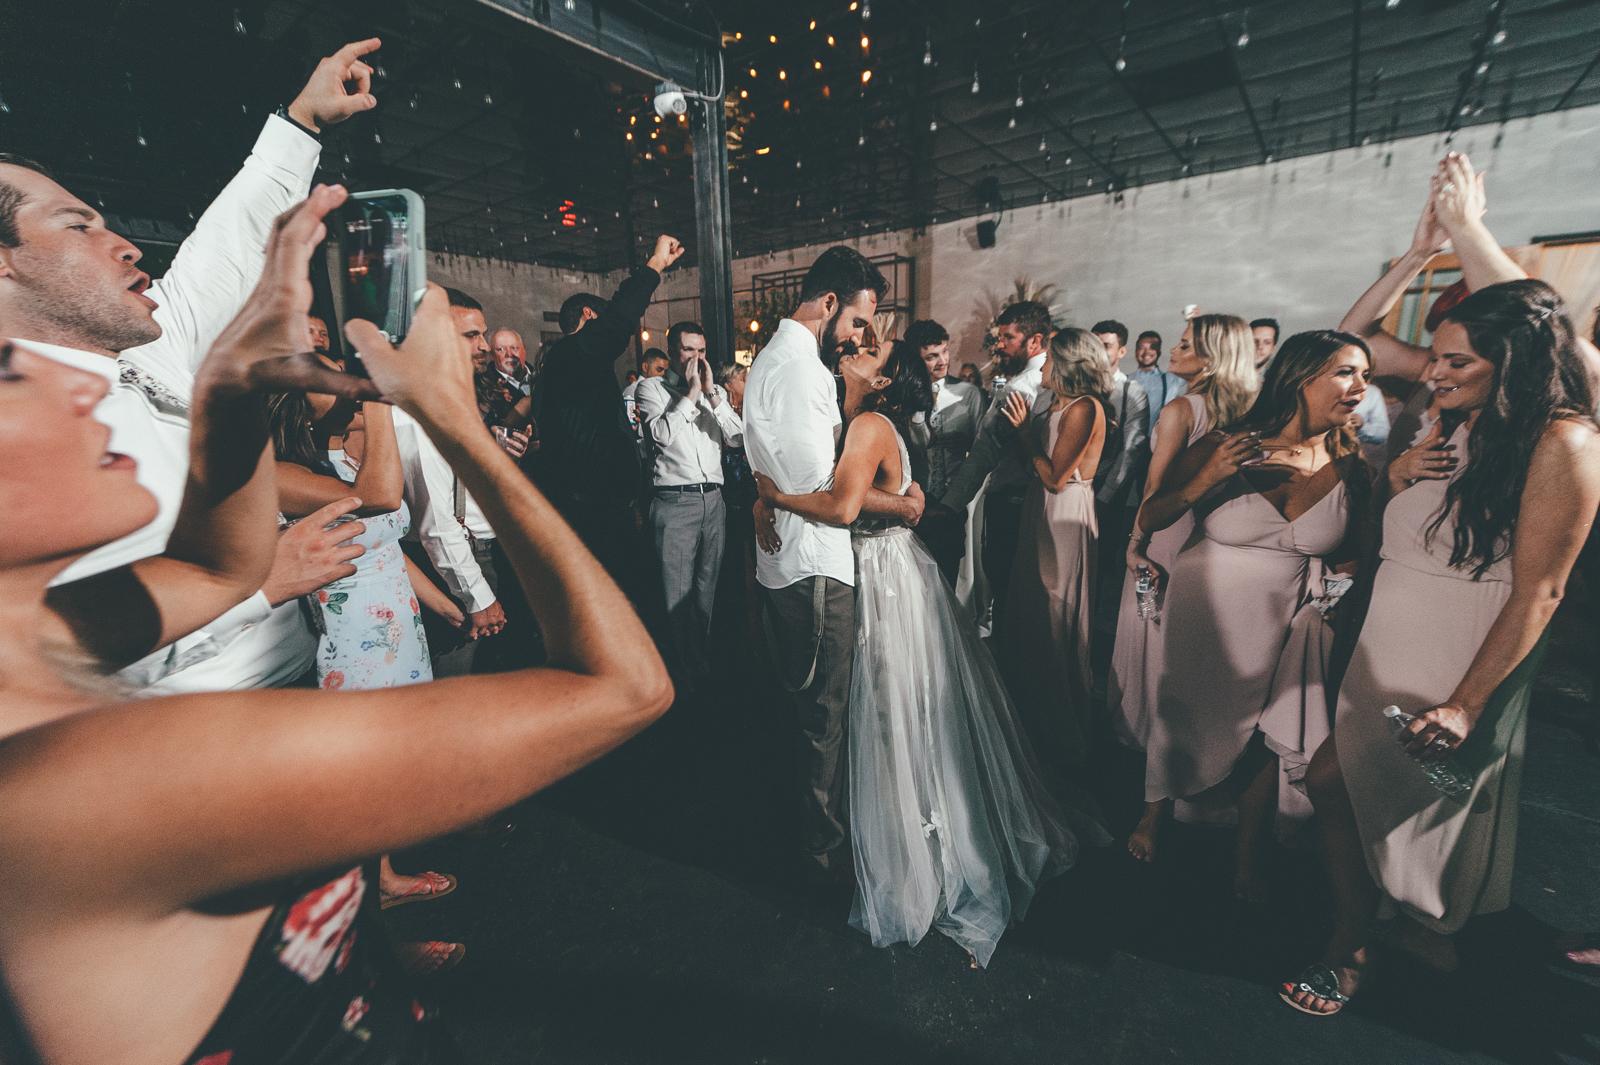 ChadFahnestockPhotography-wedding-photography-portfolio-005-2.jpg